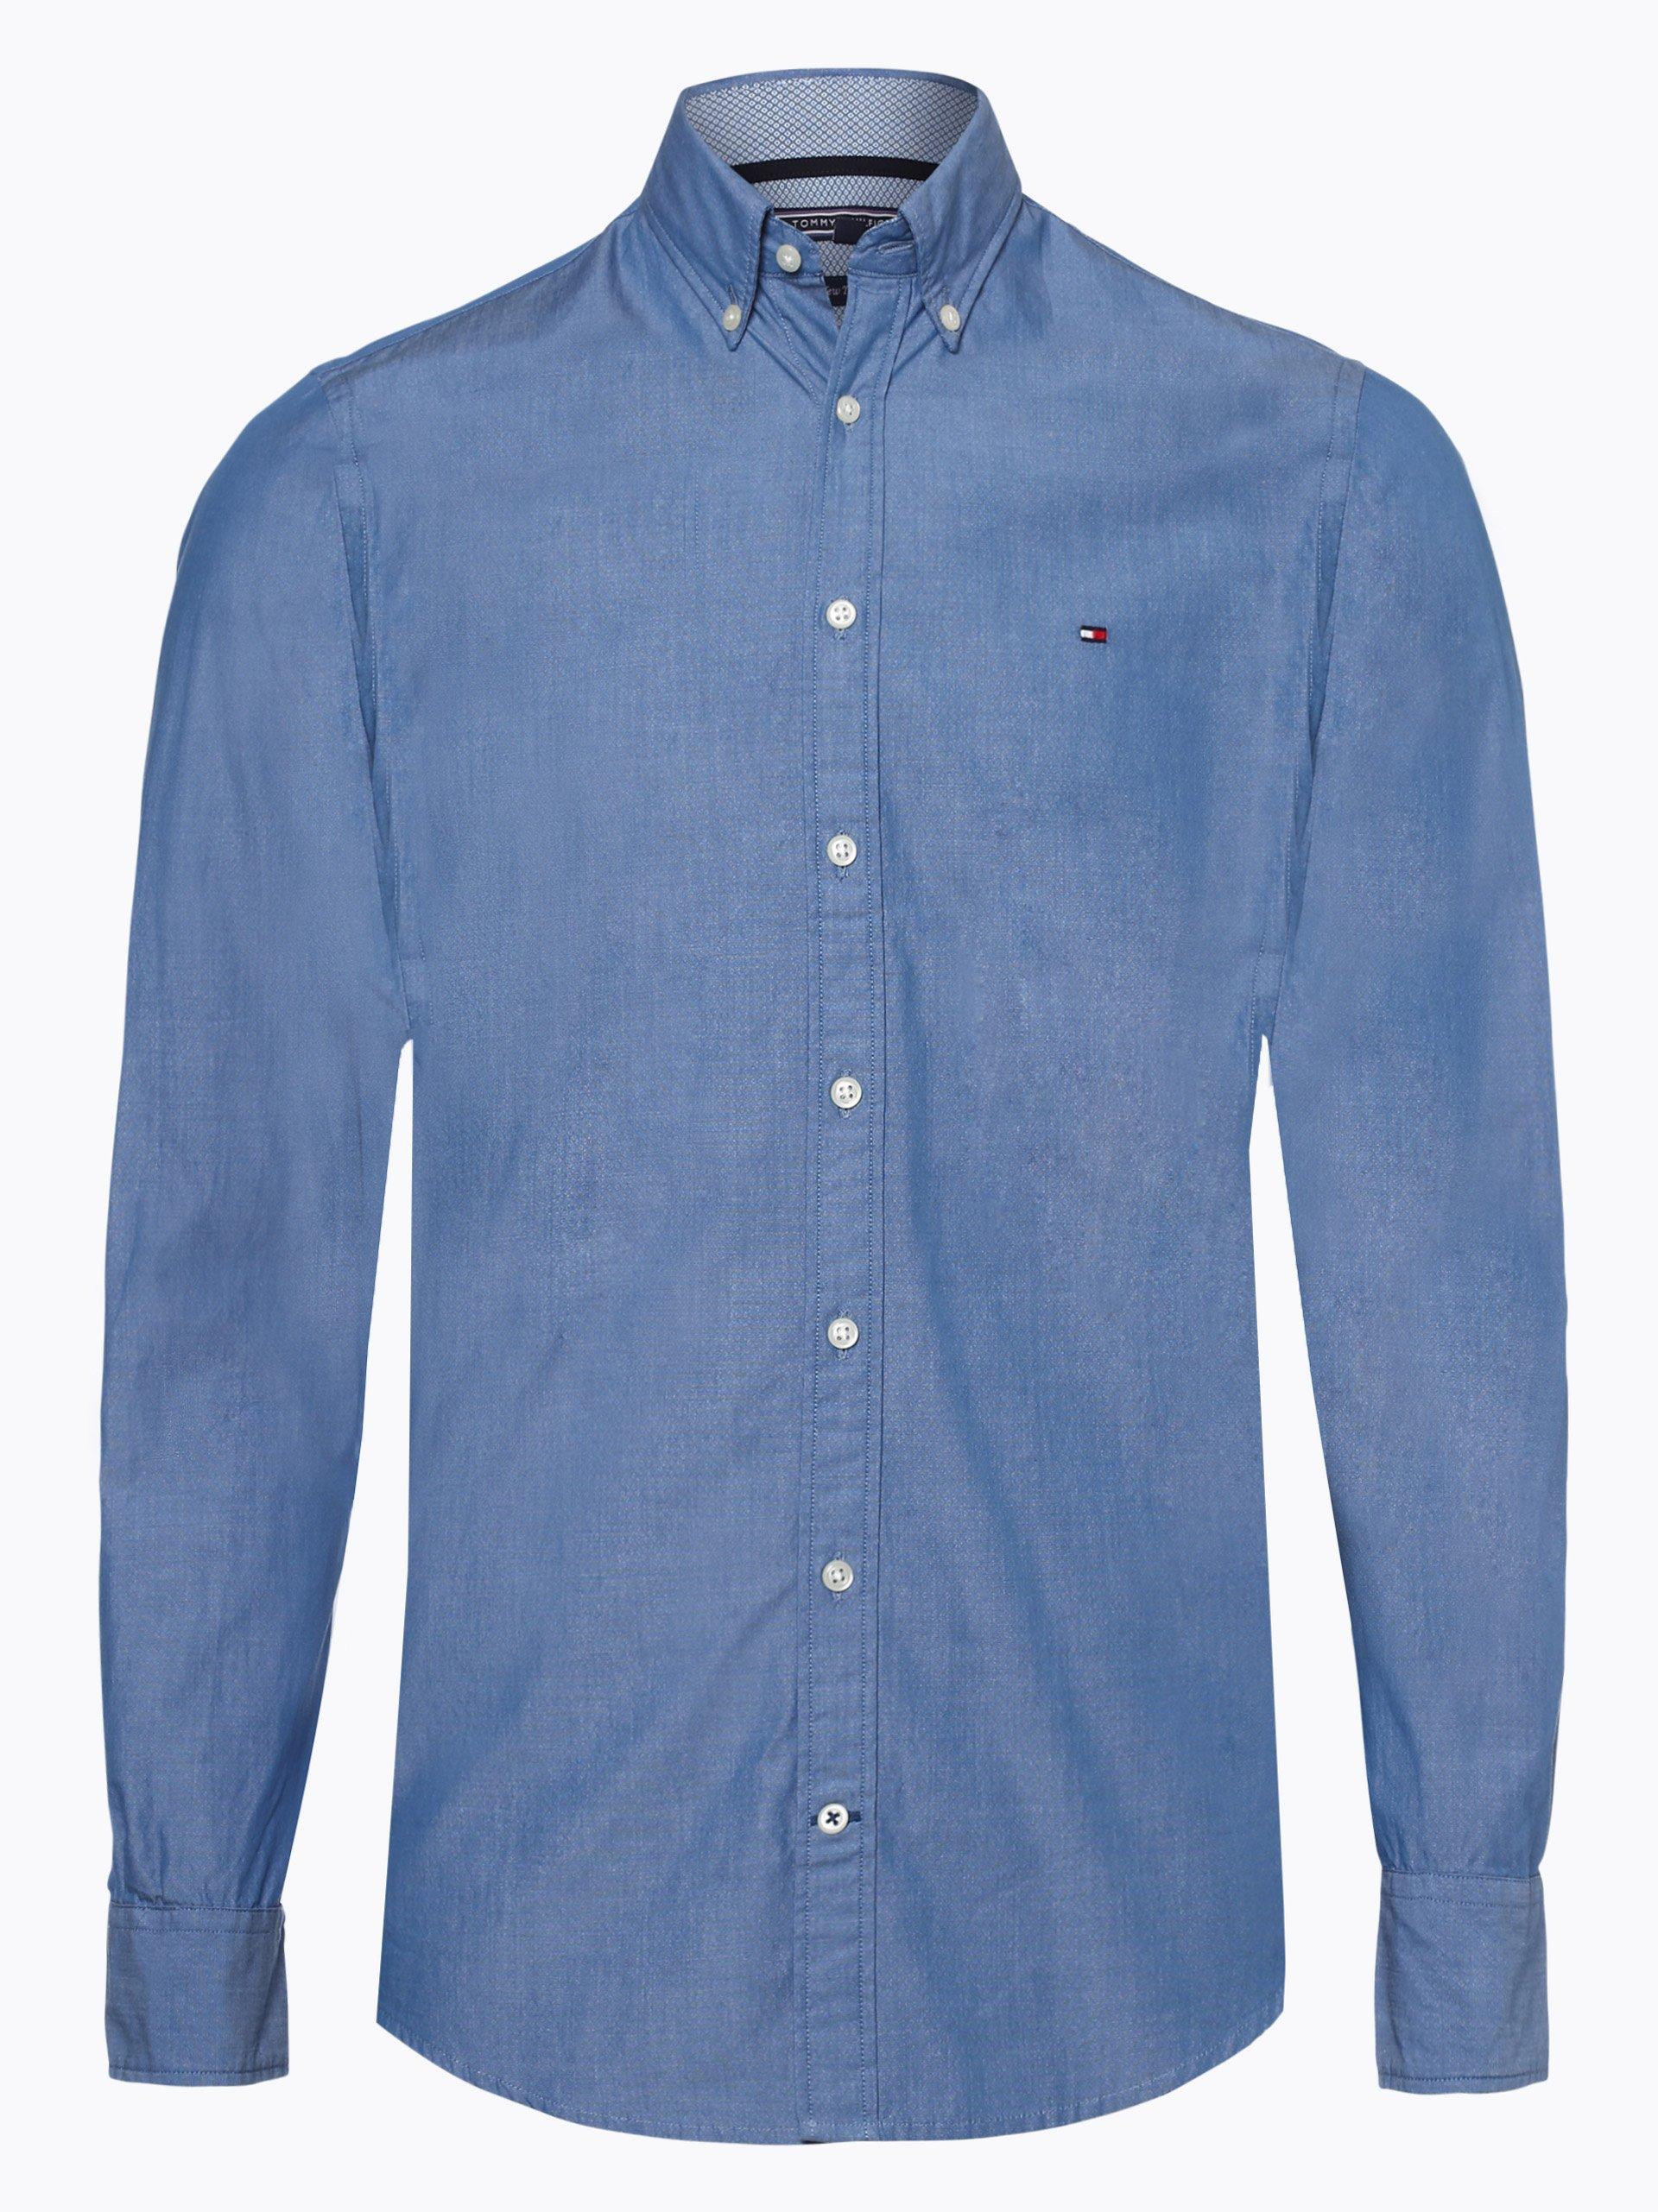 tommy hilfiger herren hemd marine blau uni online kaufen. Black Bedroom Furniture Sets. Home Design Ideas